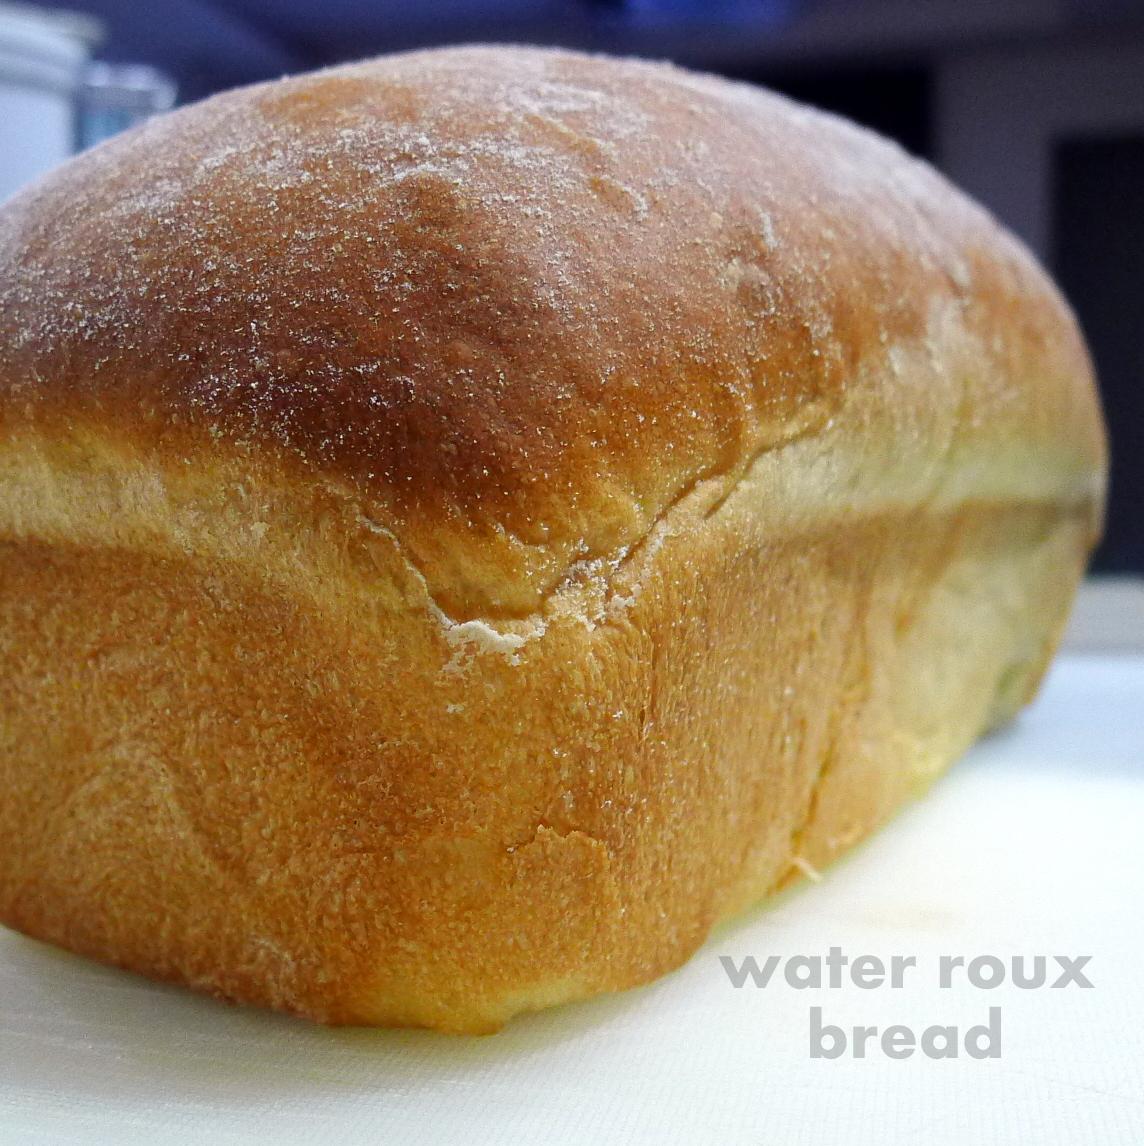 recipe: water roux bread recipe [2]